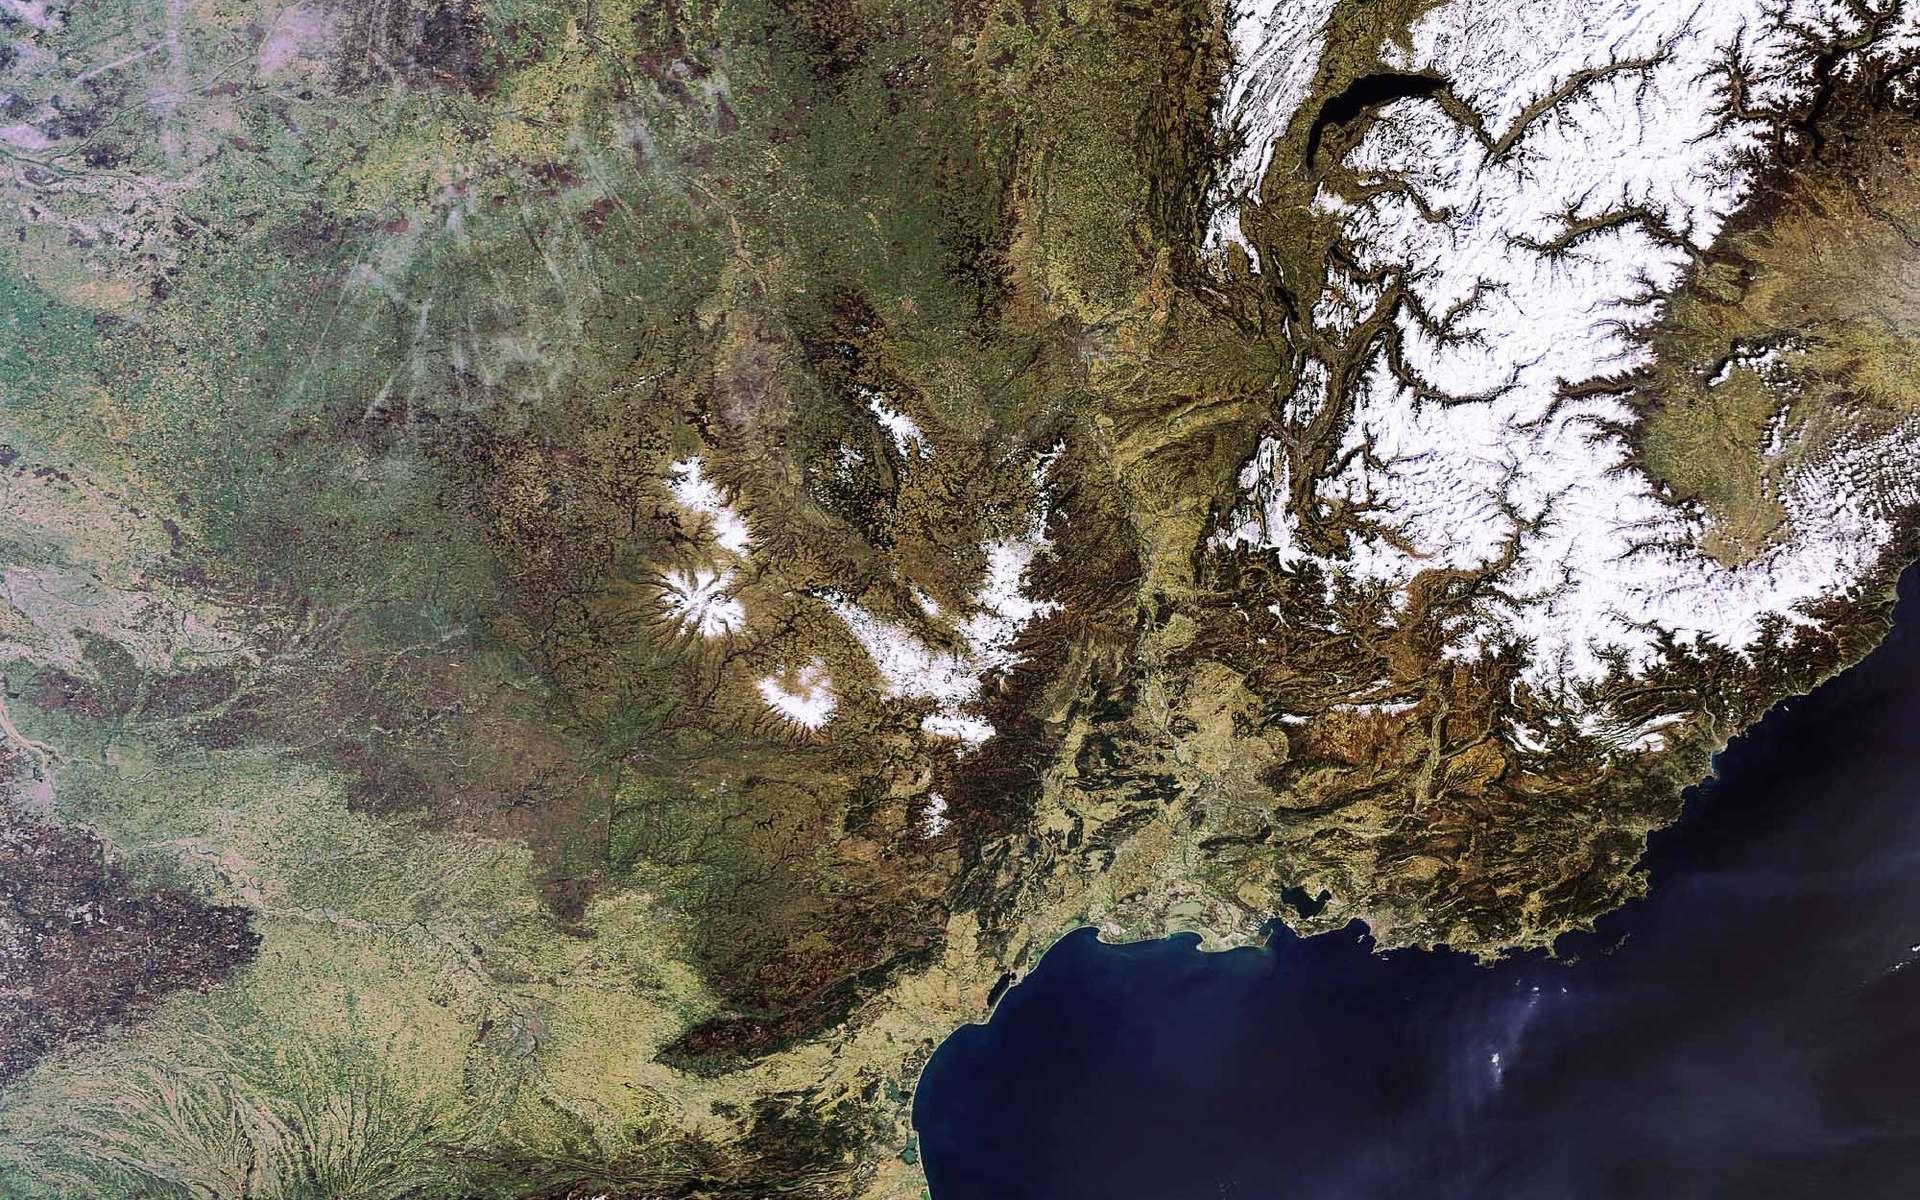 Le Midi de la France, vu par Envisat. L'Espagne est en bas à gauche, la Suisse en haut à droite et l'Italie en bas à droite. Crédit Esa